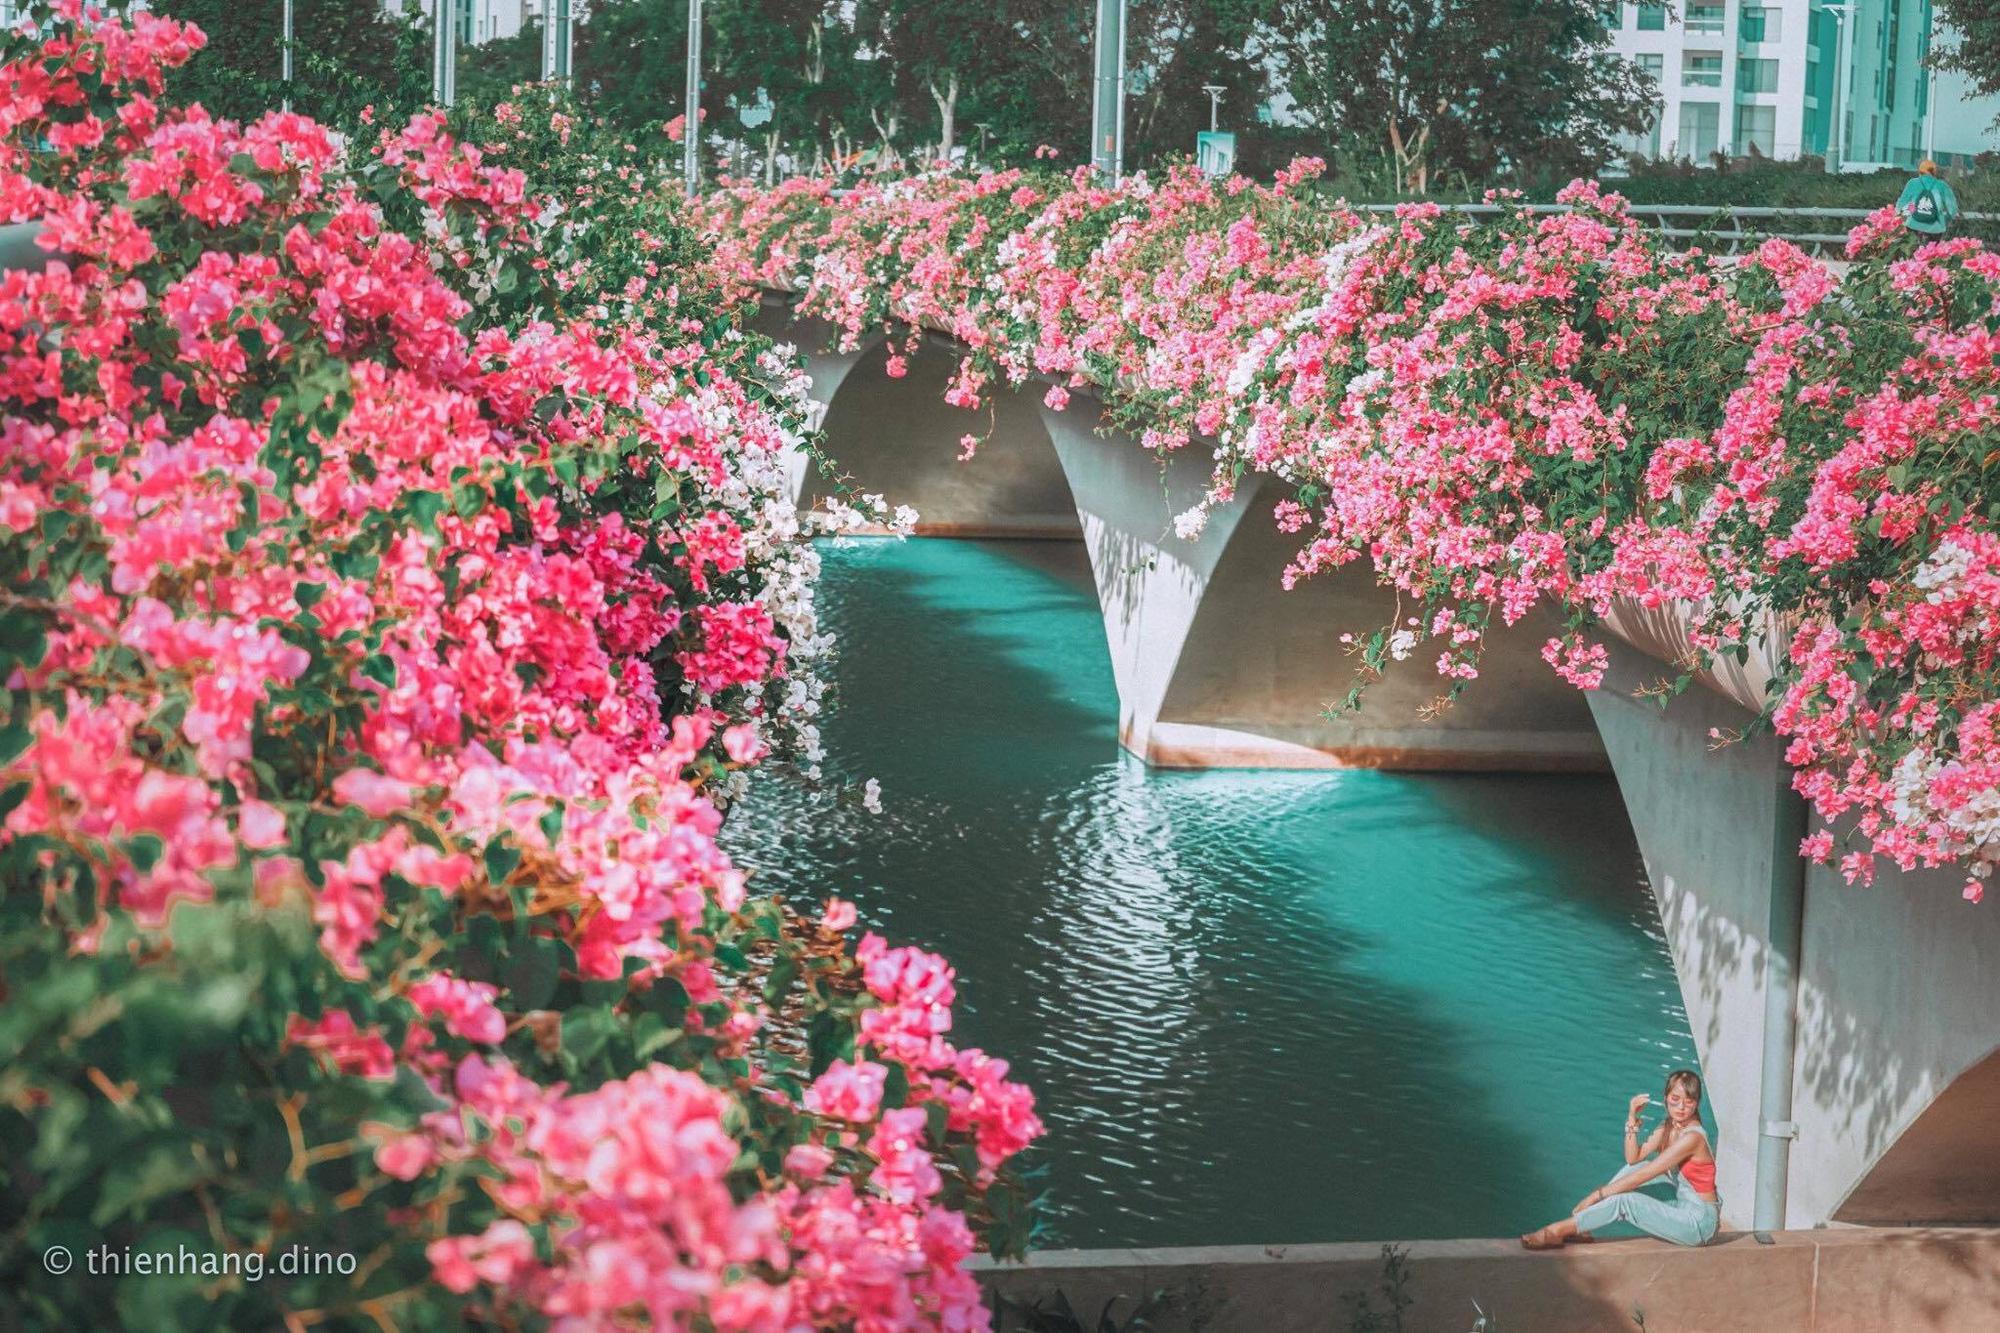 """Giới trẻ hào hứng """"check-in"""" con đường hoa giấy đẹp nhất Hà Nội - Ảnh 4."""